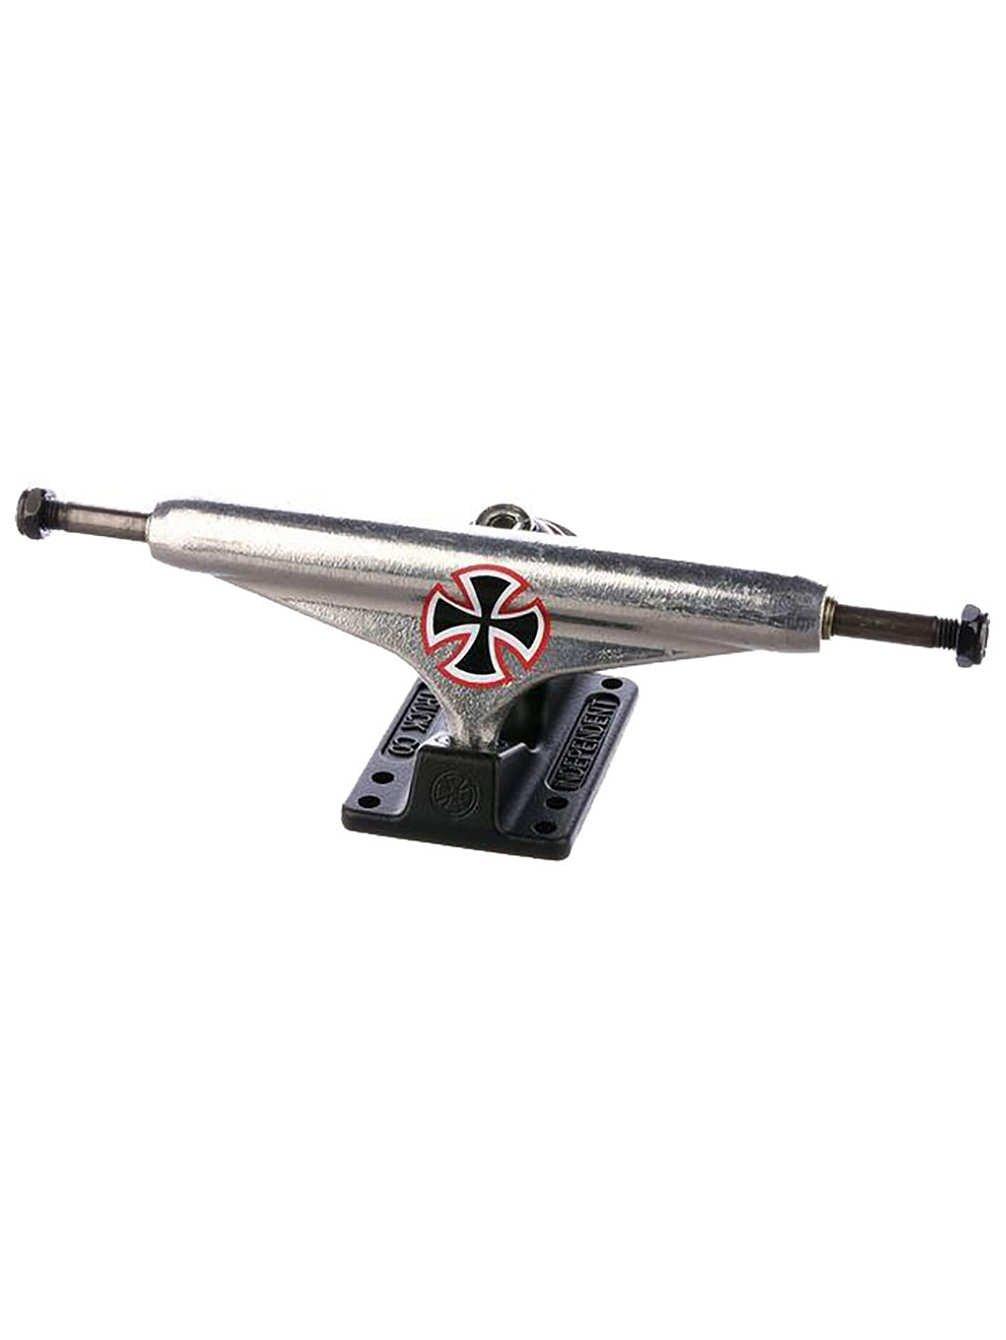 インディペンデントステージ 11 Hollow Wes Kremer Speed 2スケートボードトラック - シルバー/マットブラック - 159mm   B07DQBBCXJ